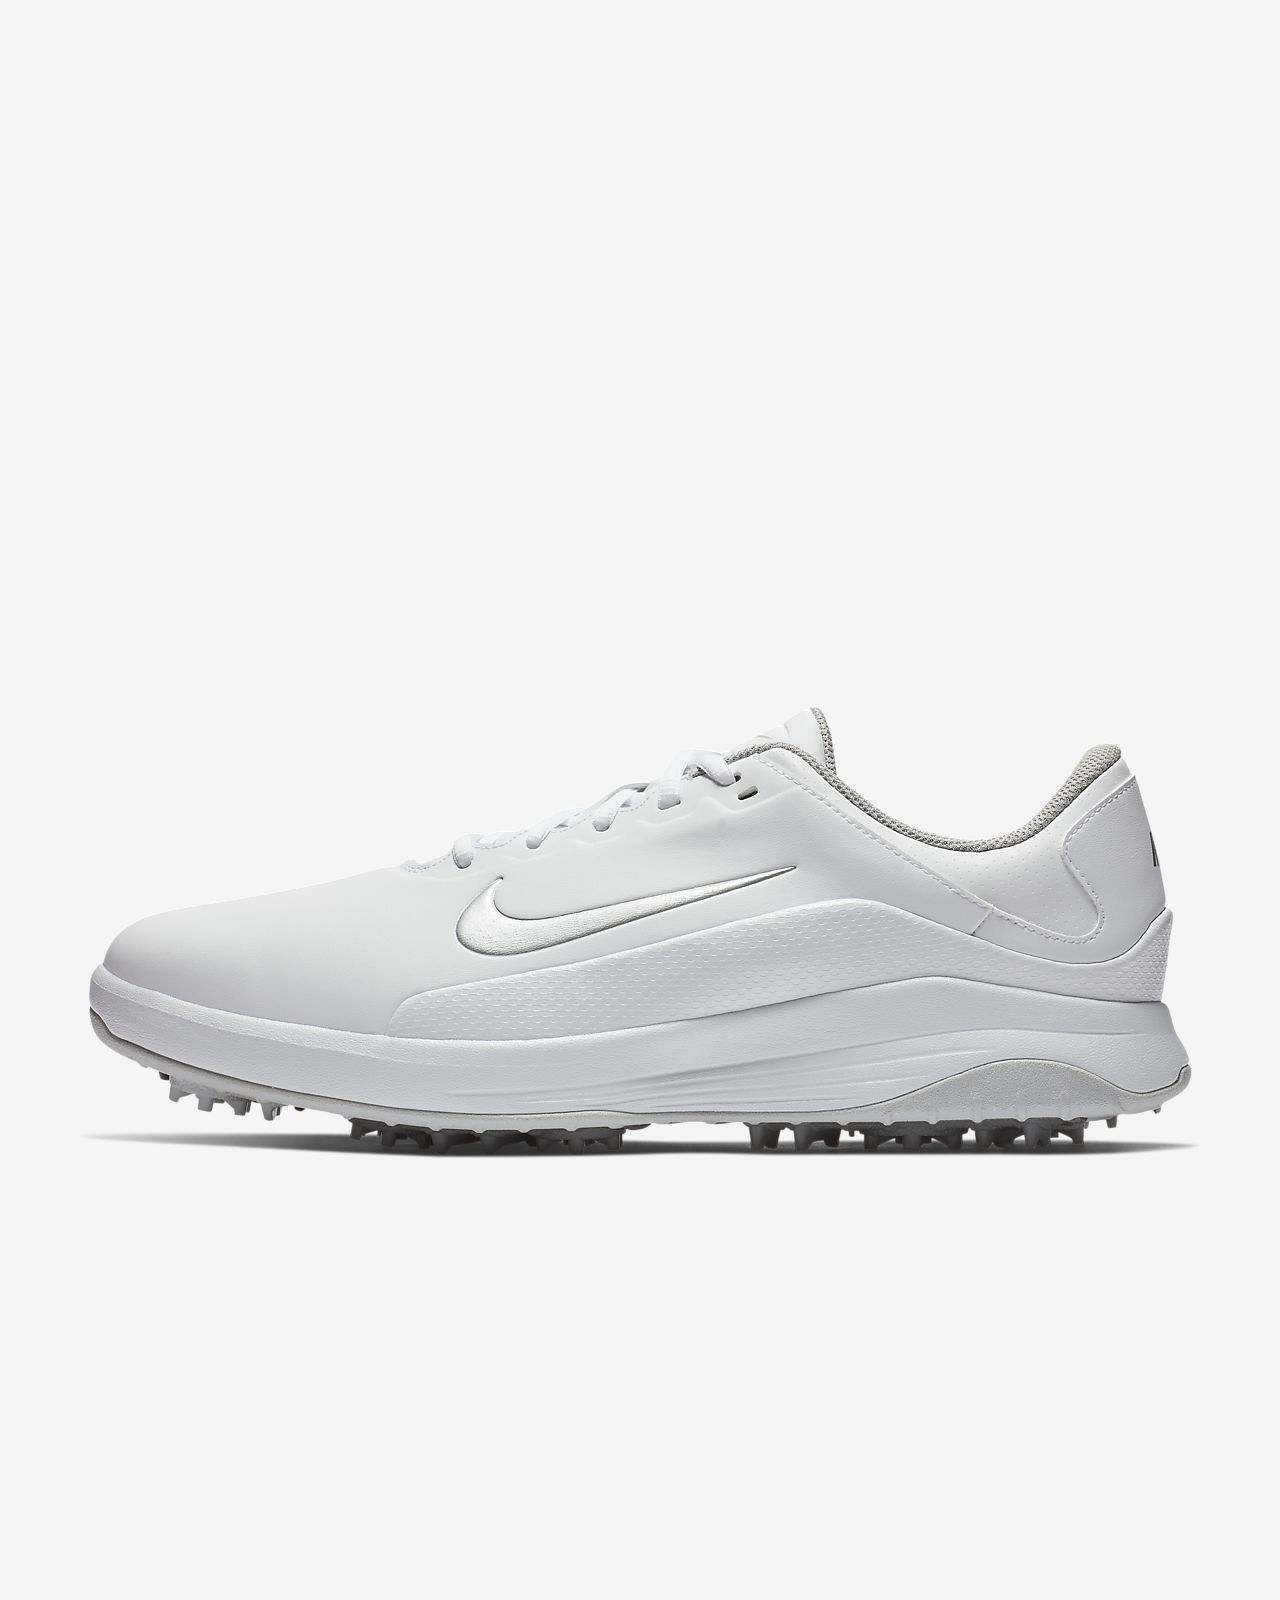 NikeVapor (W)男子高尔夫球鞋(宽版)